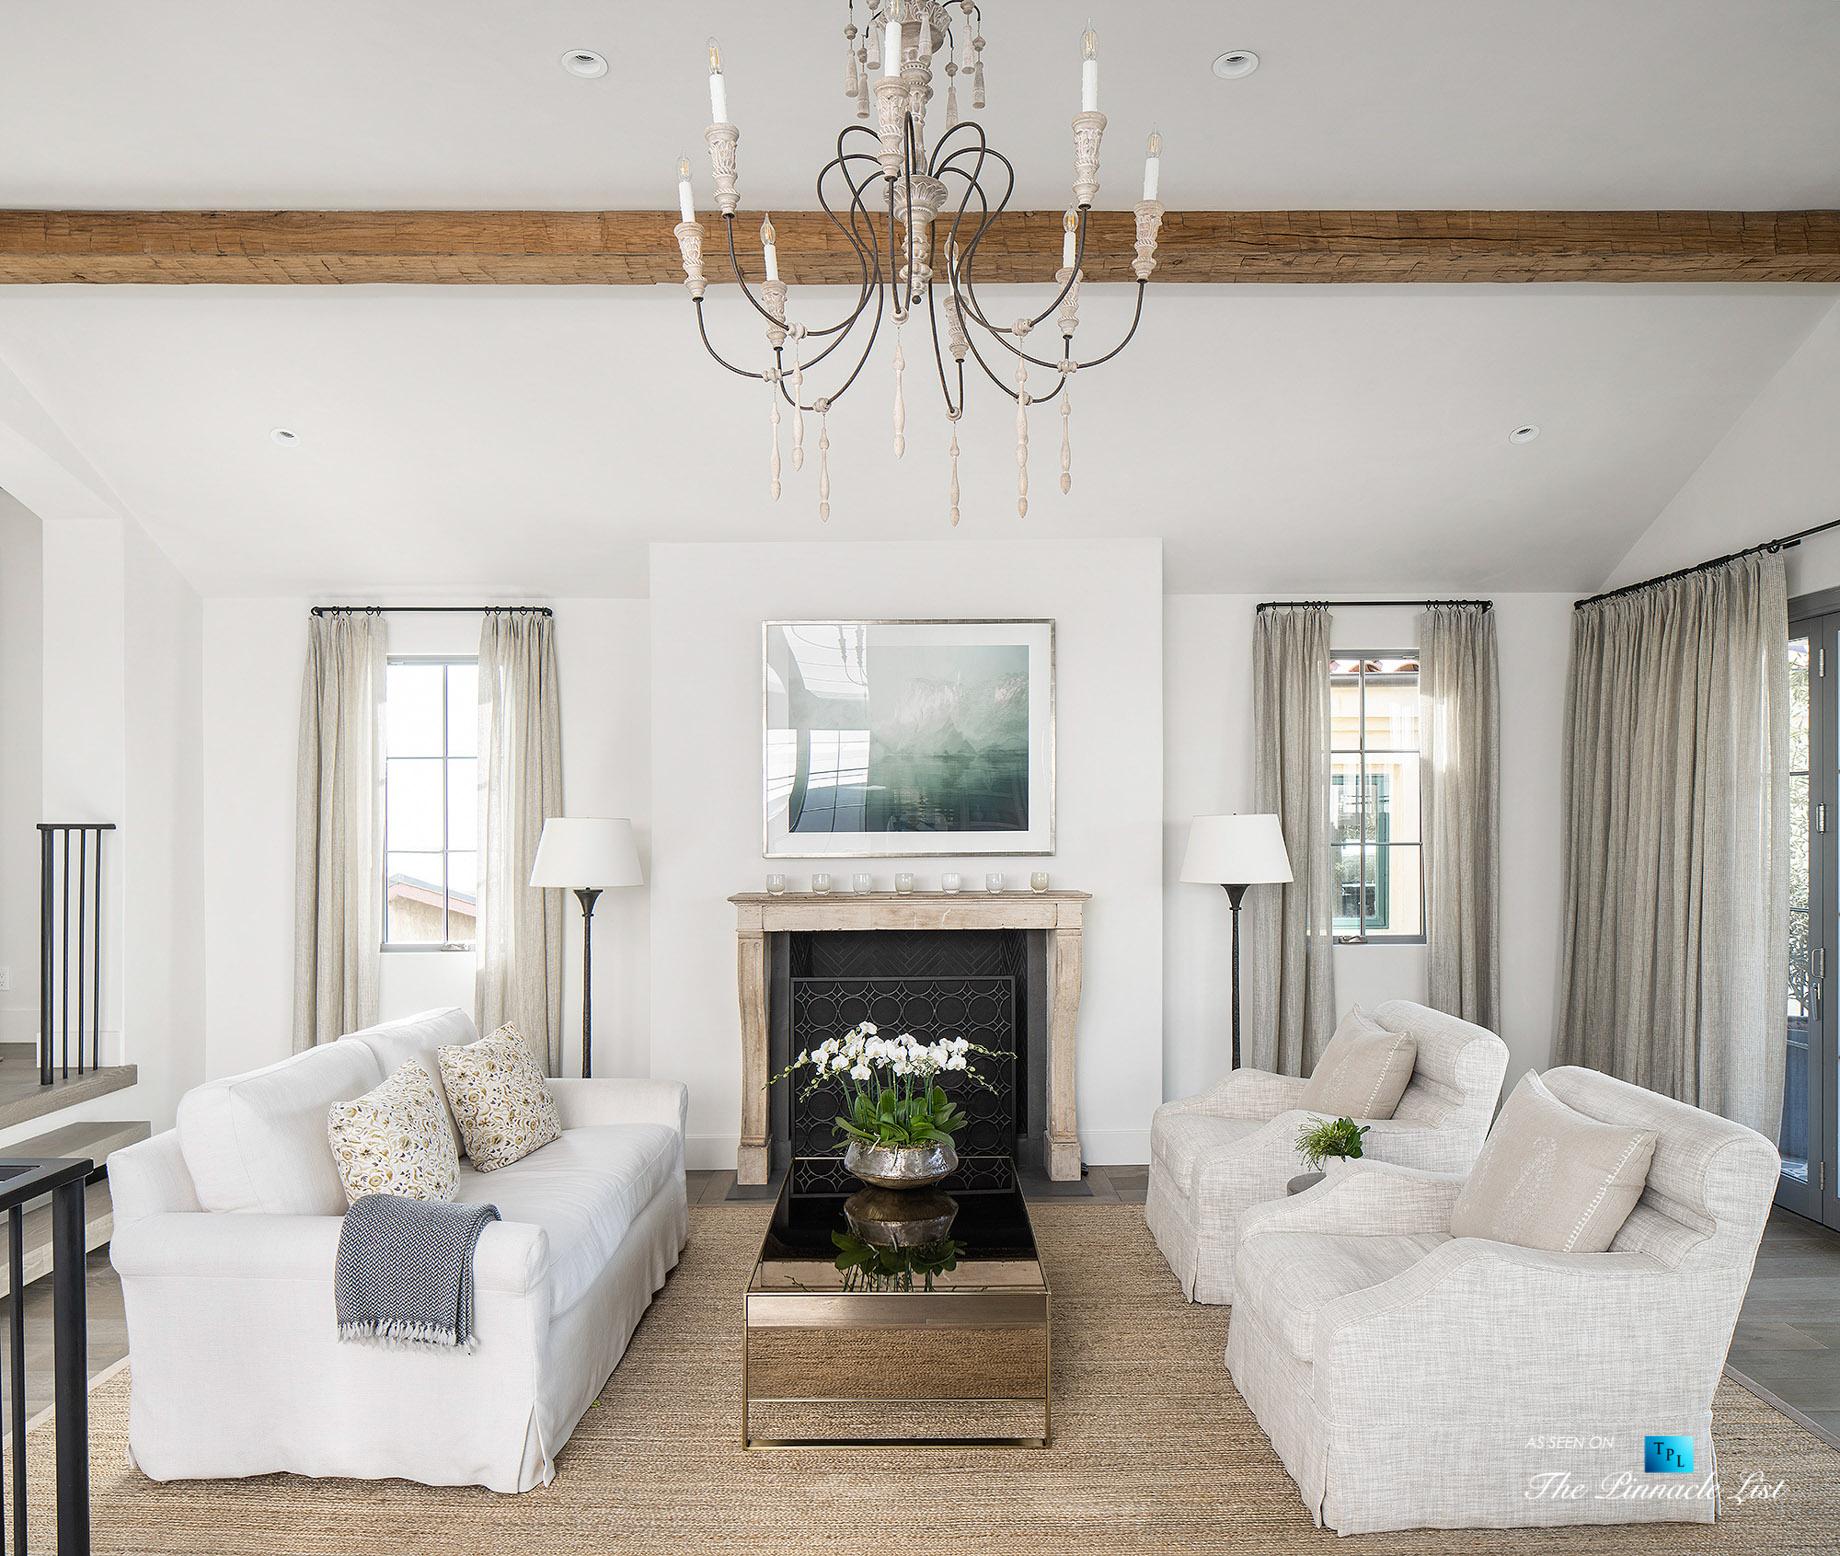 220 8th St, Manhattan Beach, CA, USA – Luxury Real Estate – Ocean View Dream Home – Living Room